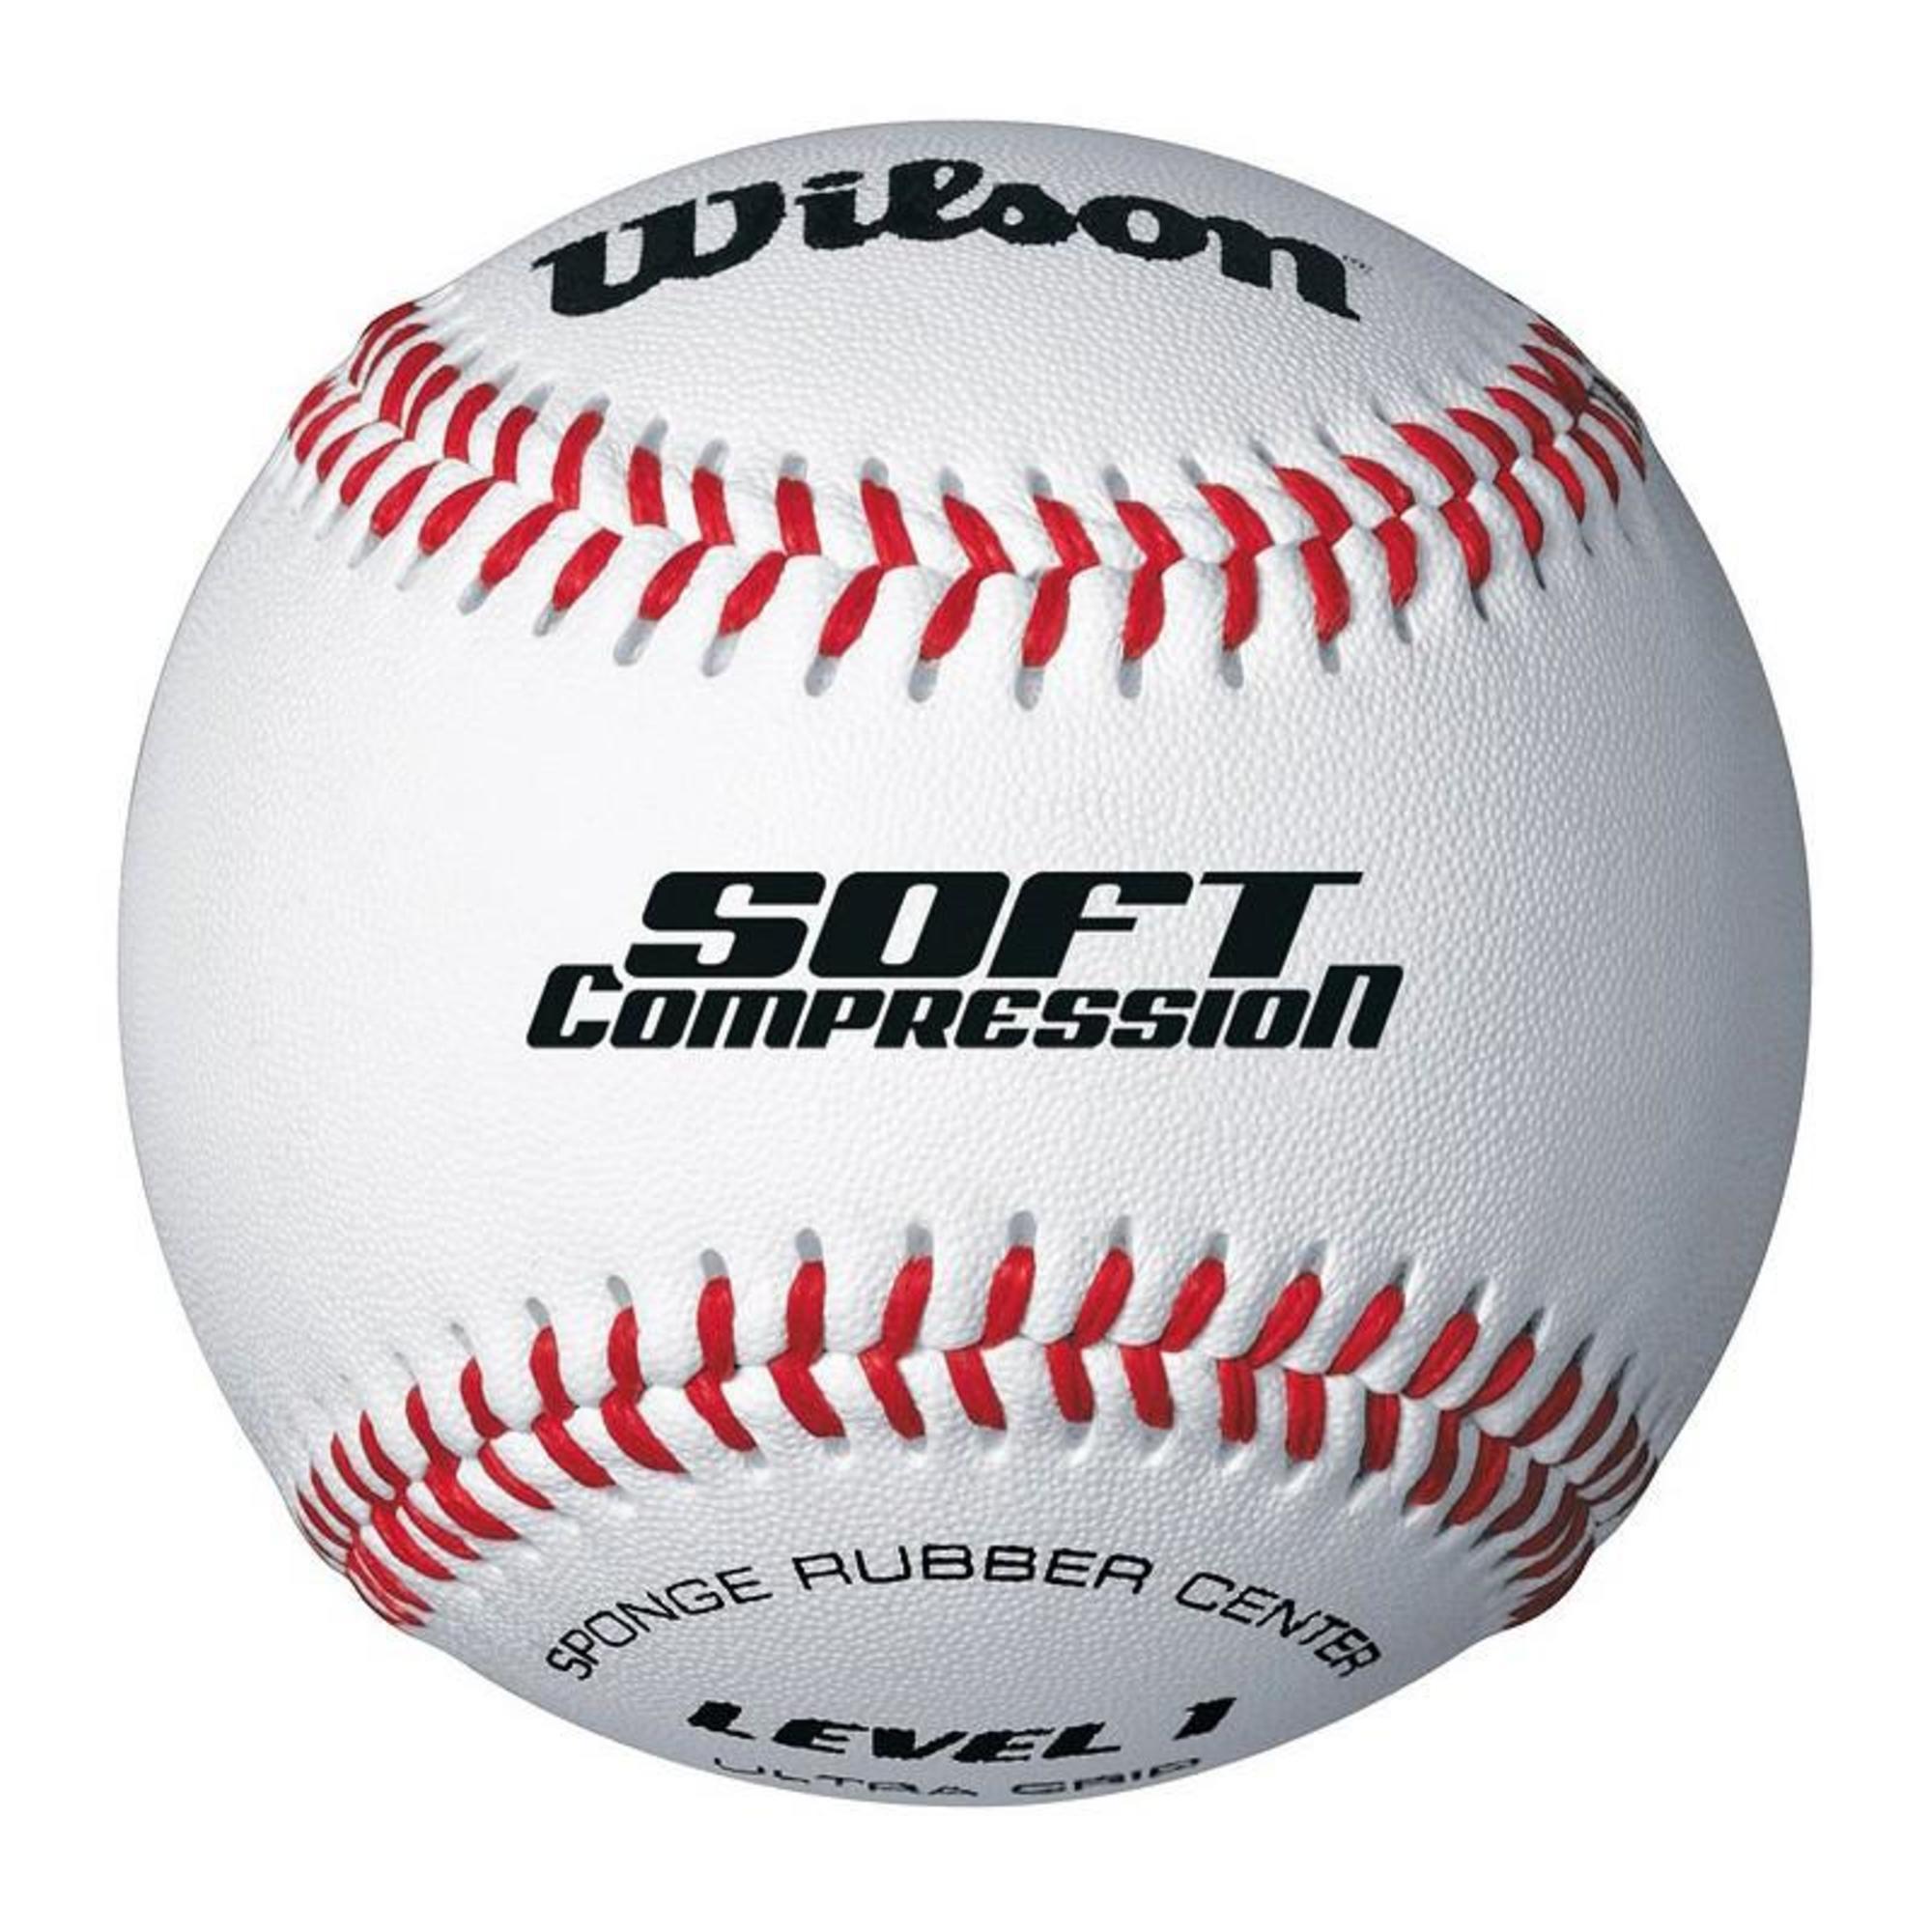 Honkballen kopen met voordeel